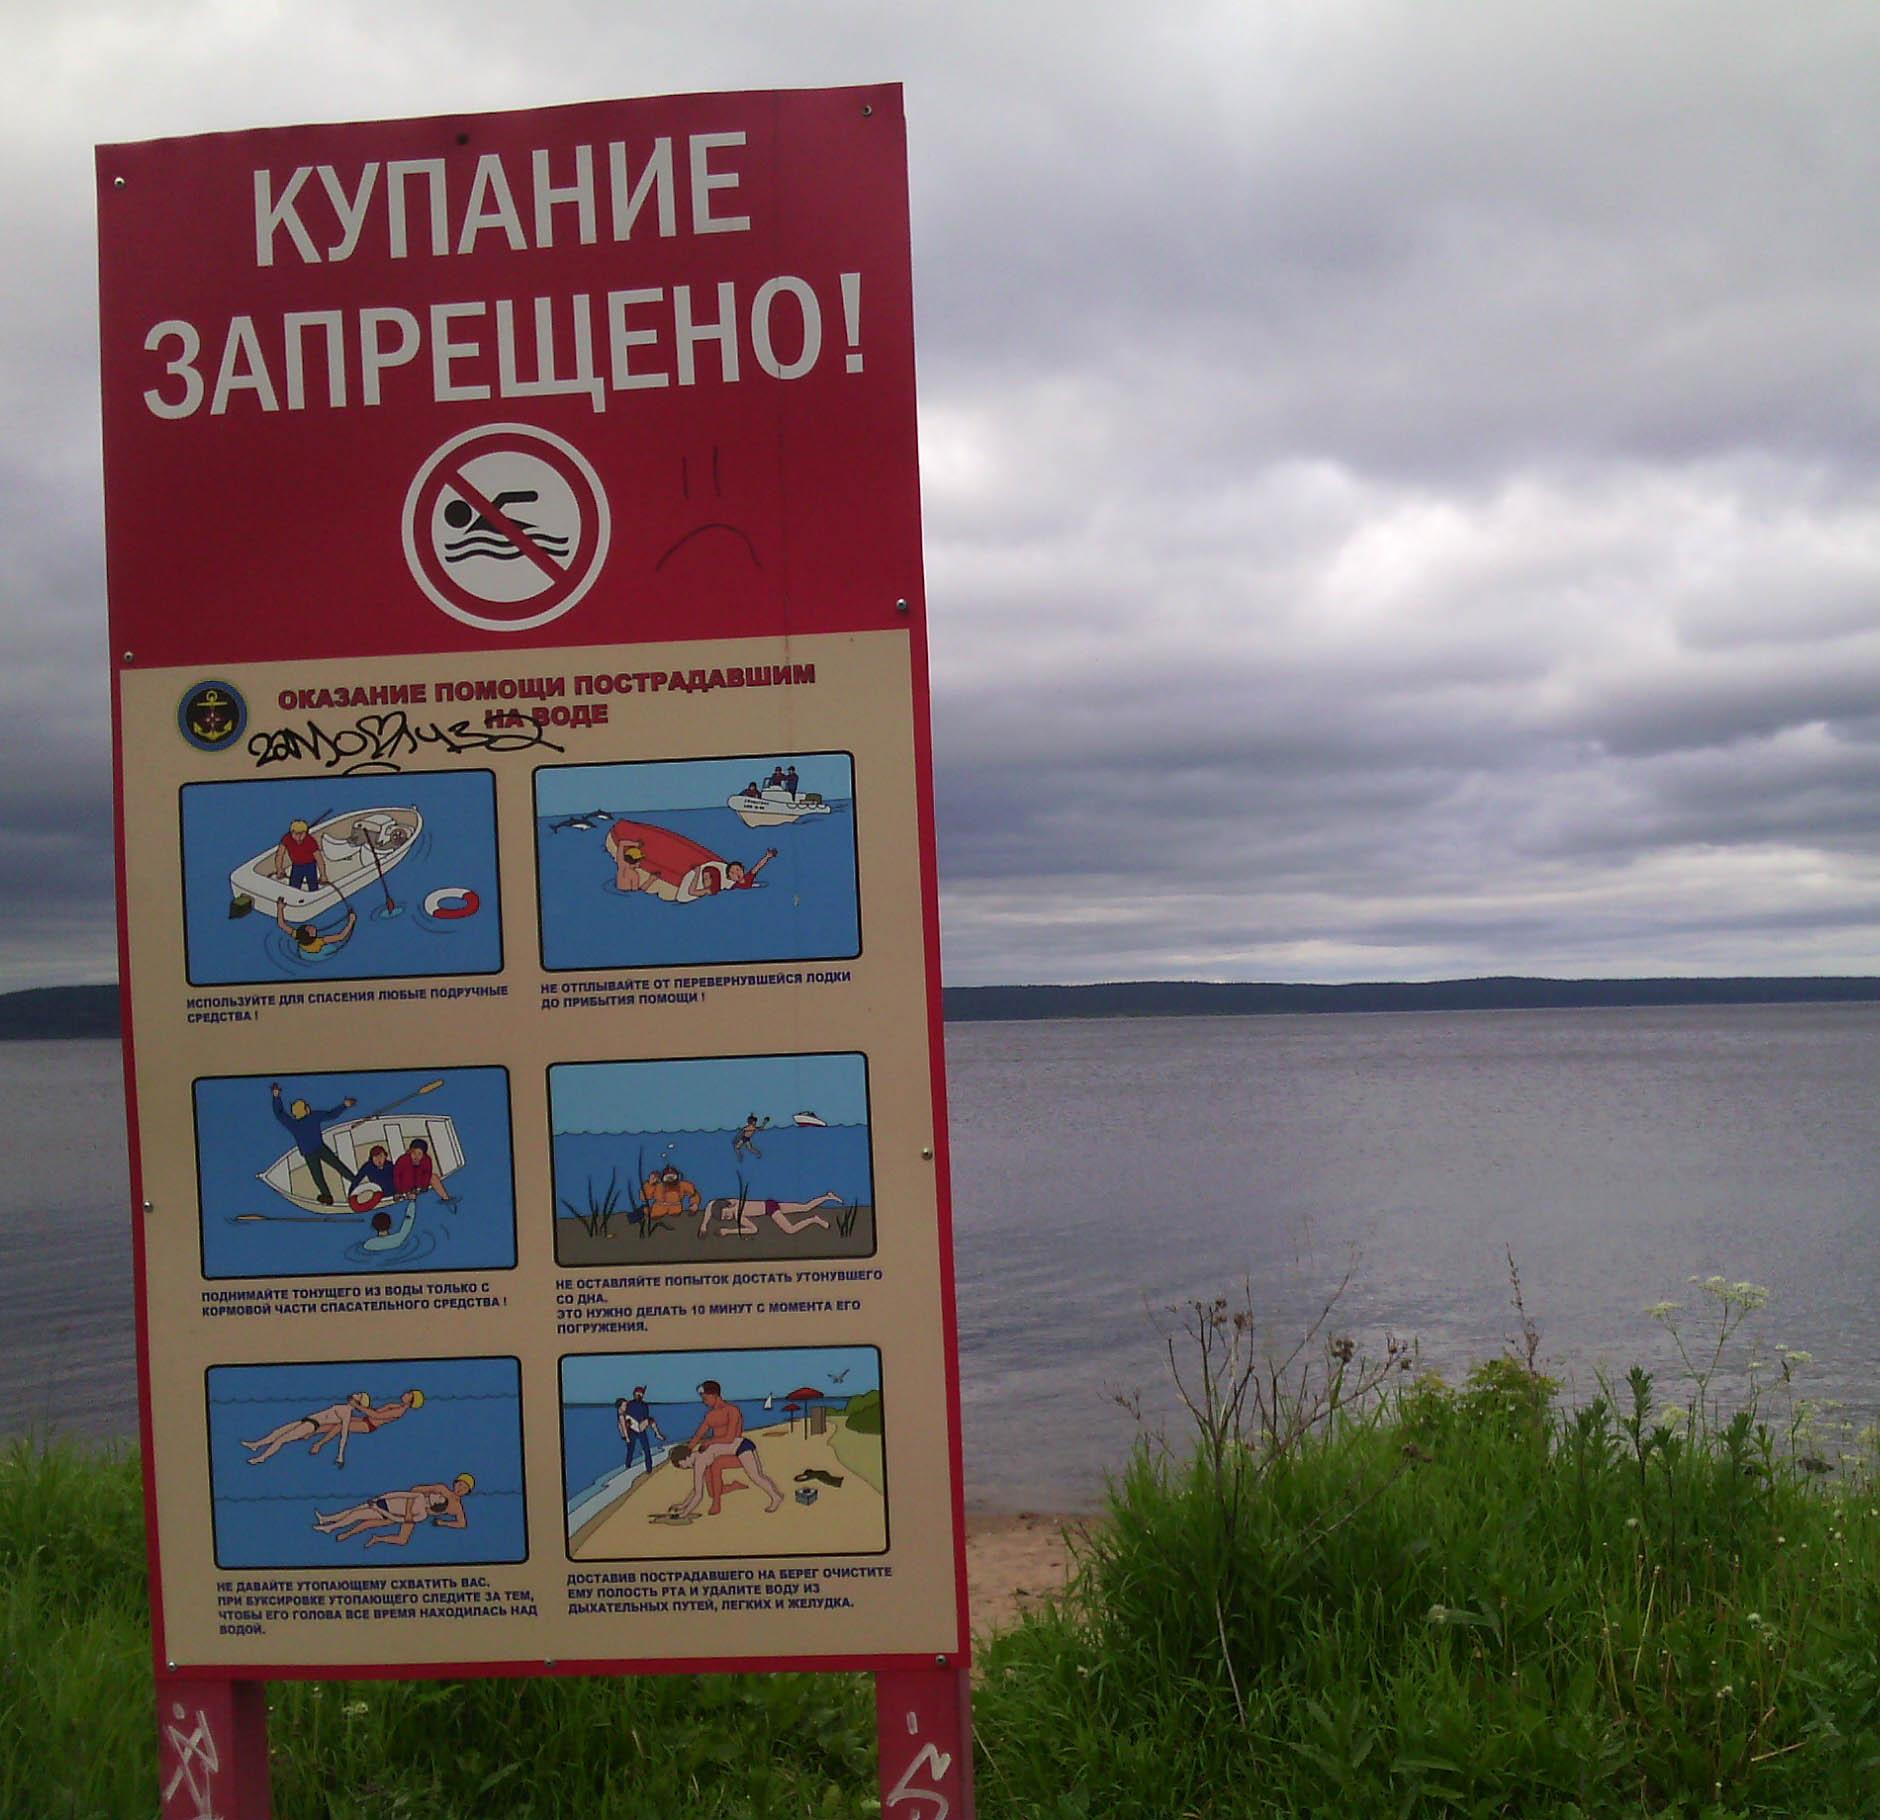 """Так карельские власти обеспечивают """"безопасность"""" отдыхающих на воде. Фото: Валерий Поташов"""